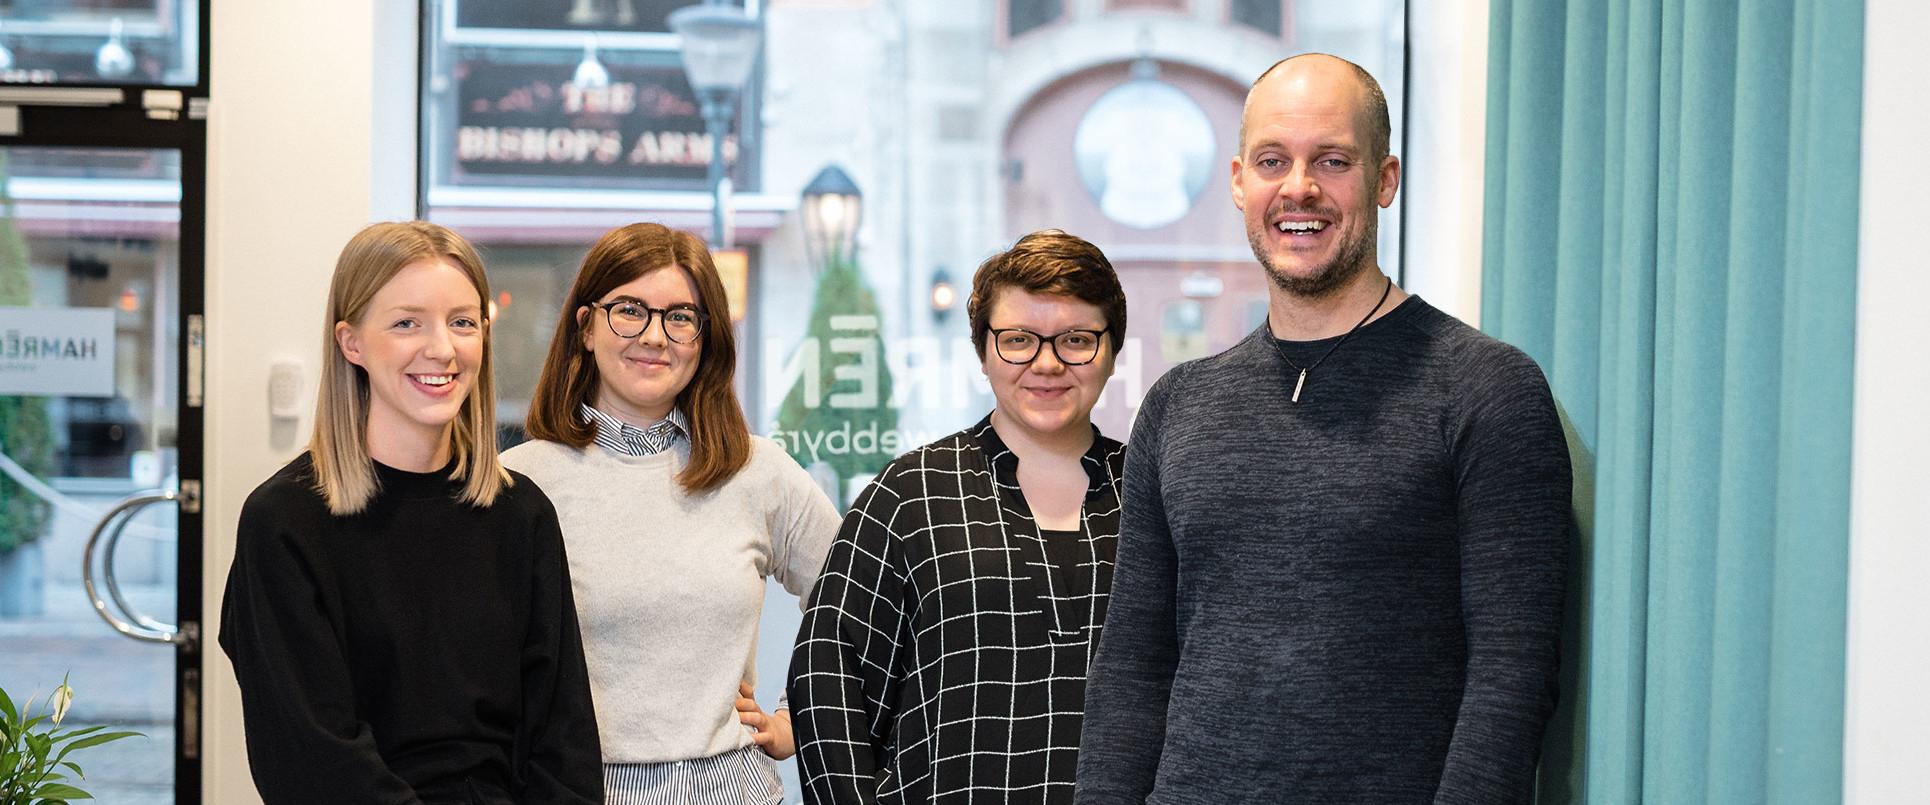 d1e13b20e3a Hamréngänget samlade på kontoret i Norrköping. Från vänster: Sanna Wohlin,  Rebecca Löfgren,